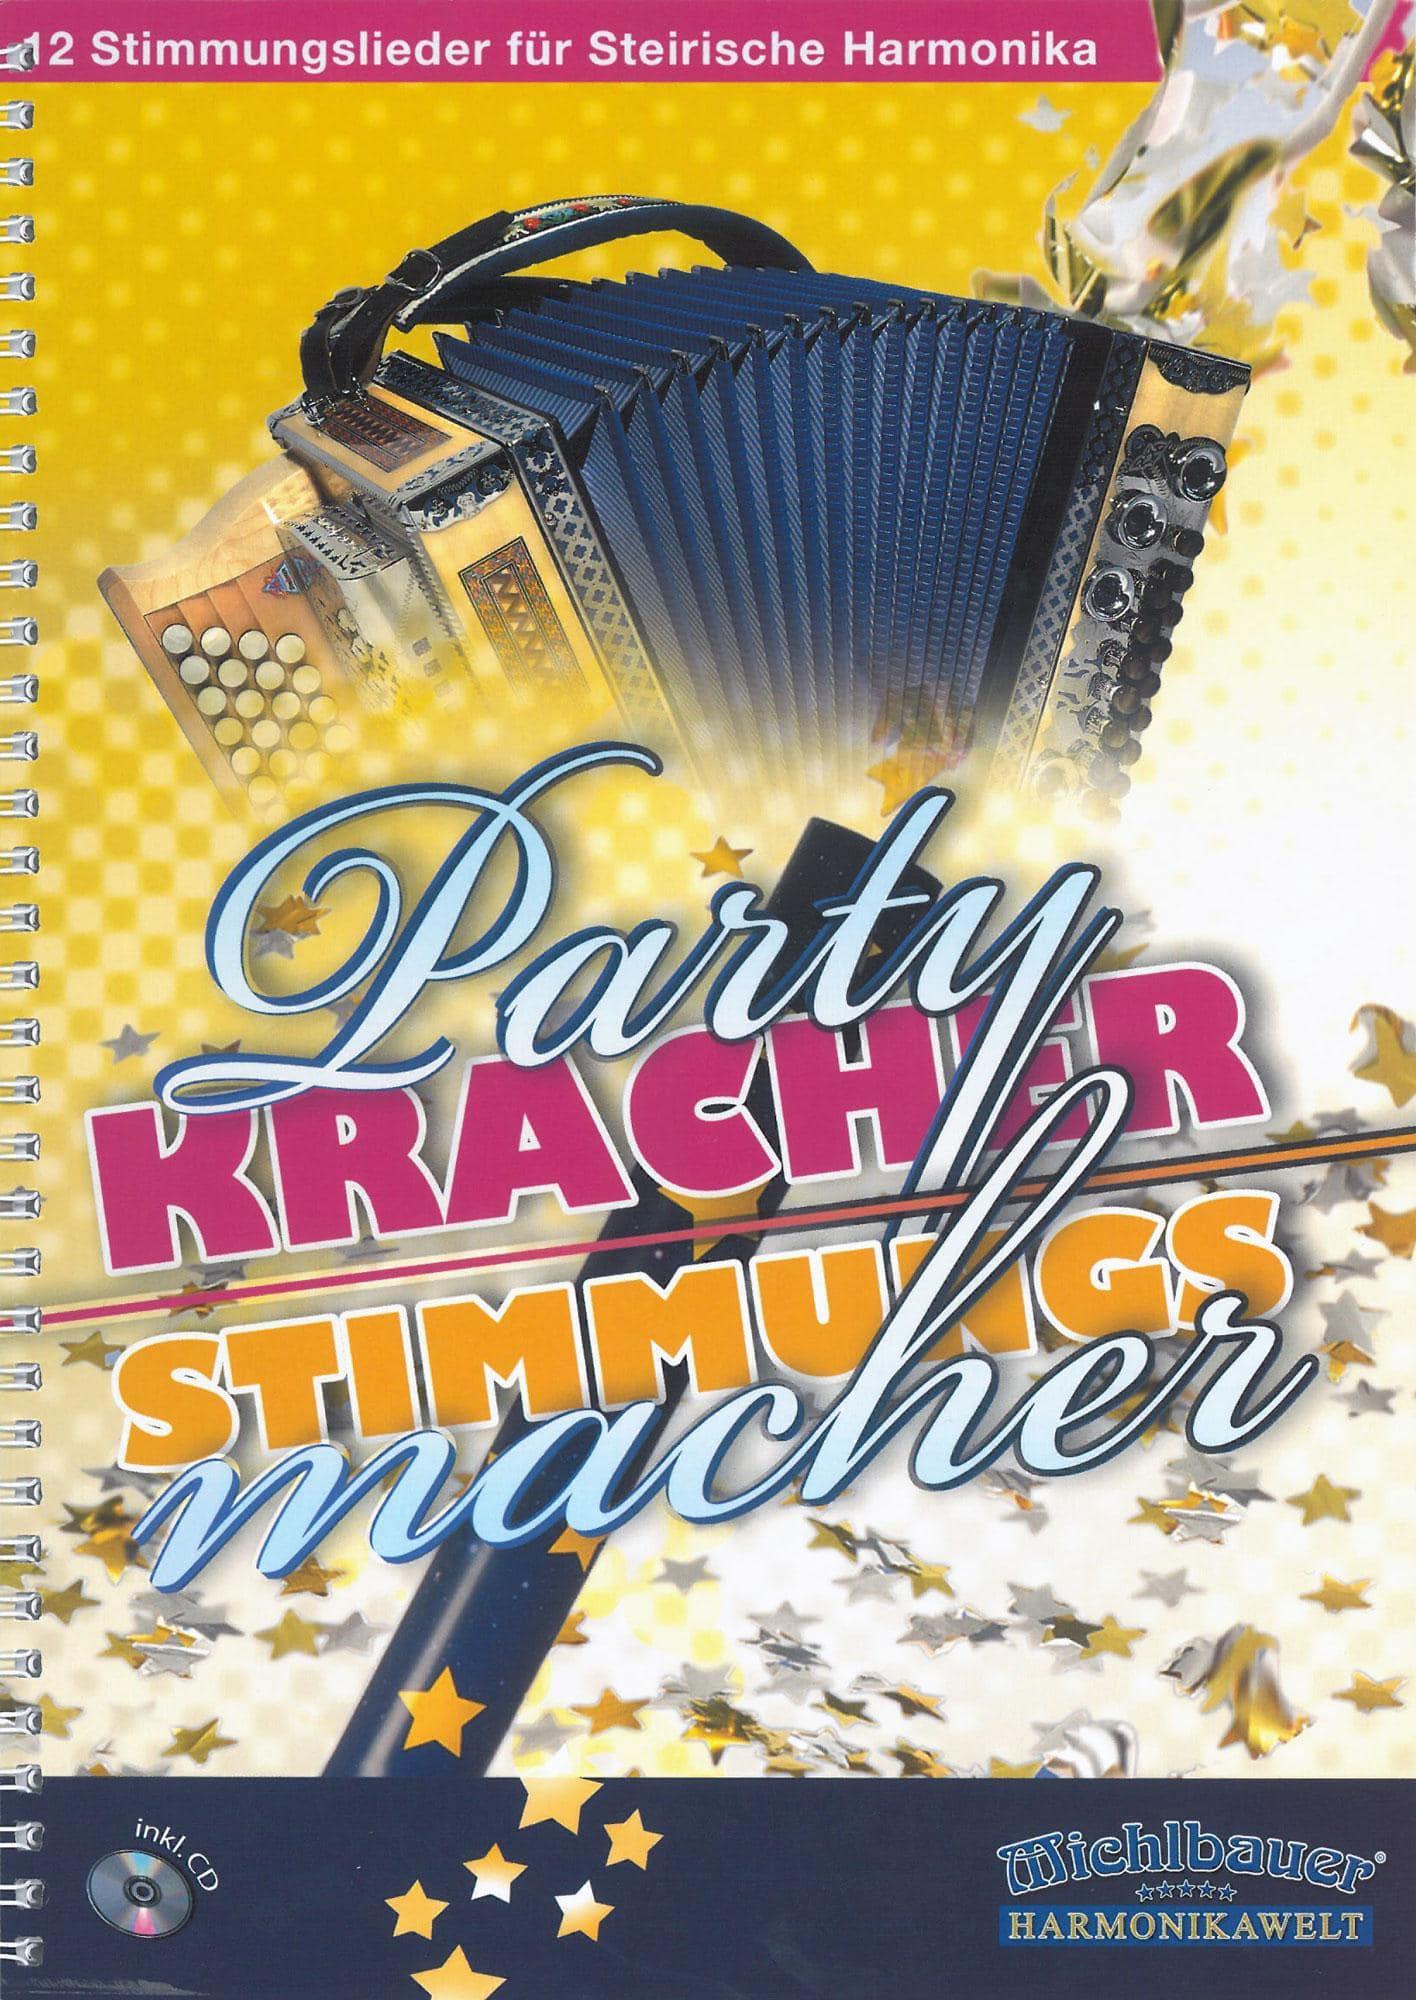 Akkordeonlernen - Partykracher Stimmungsmacher - Onlineshop Musikhaus Kirstein